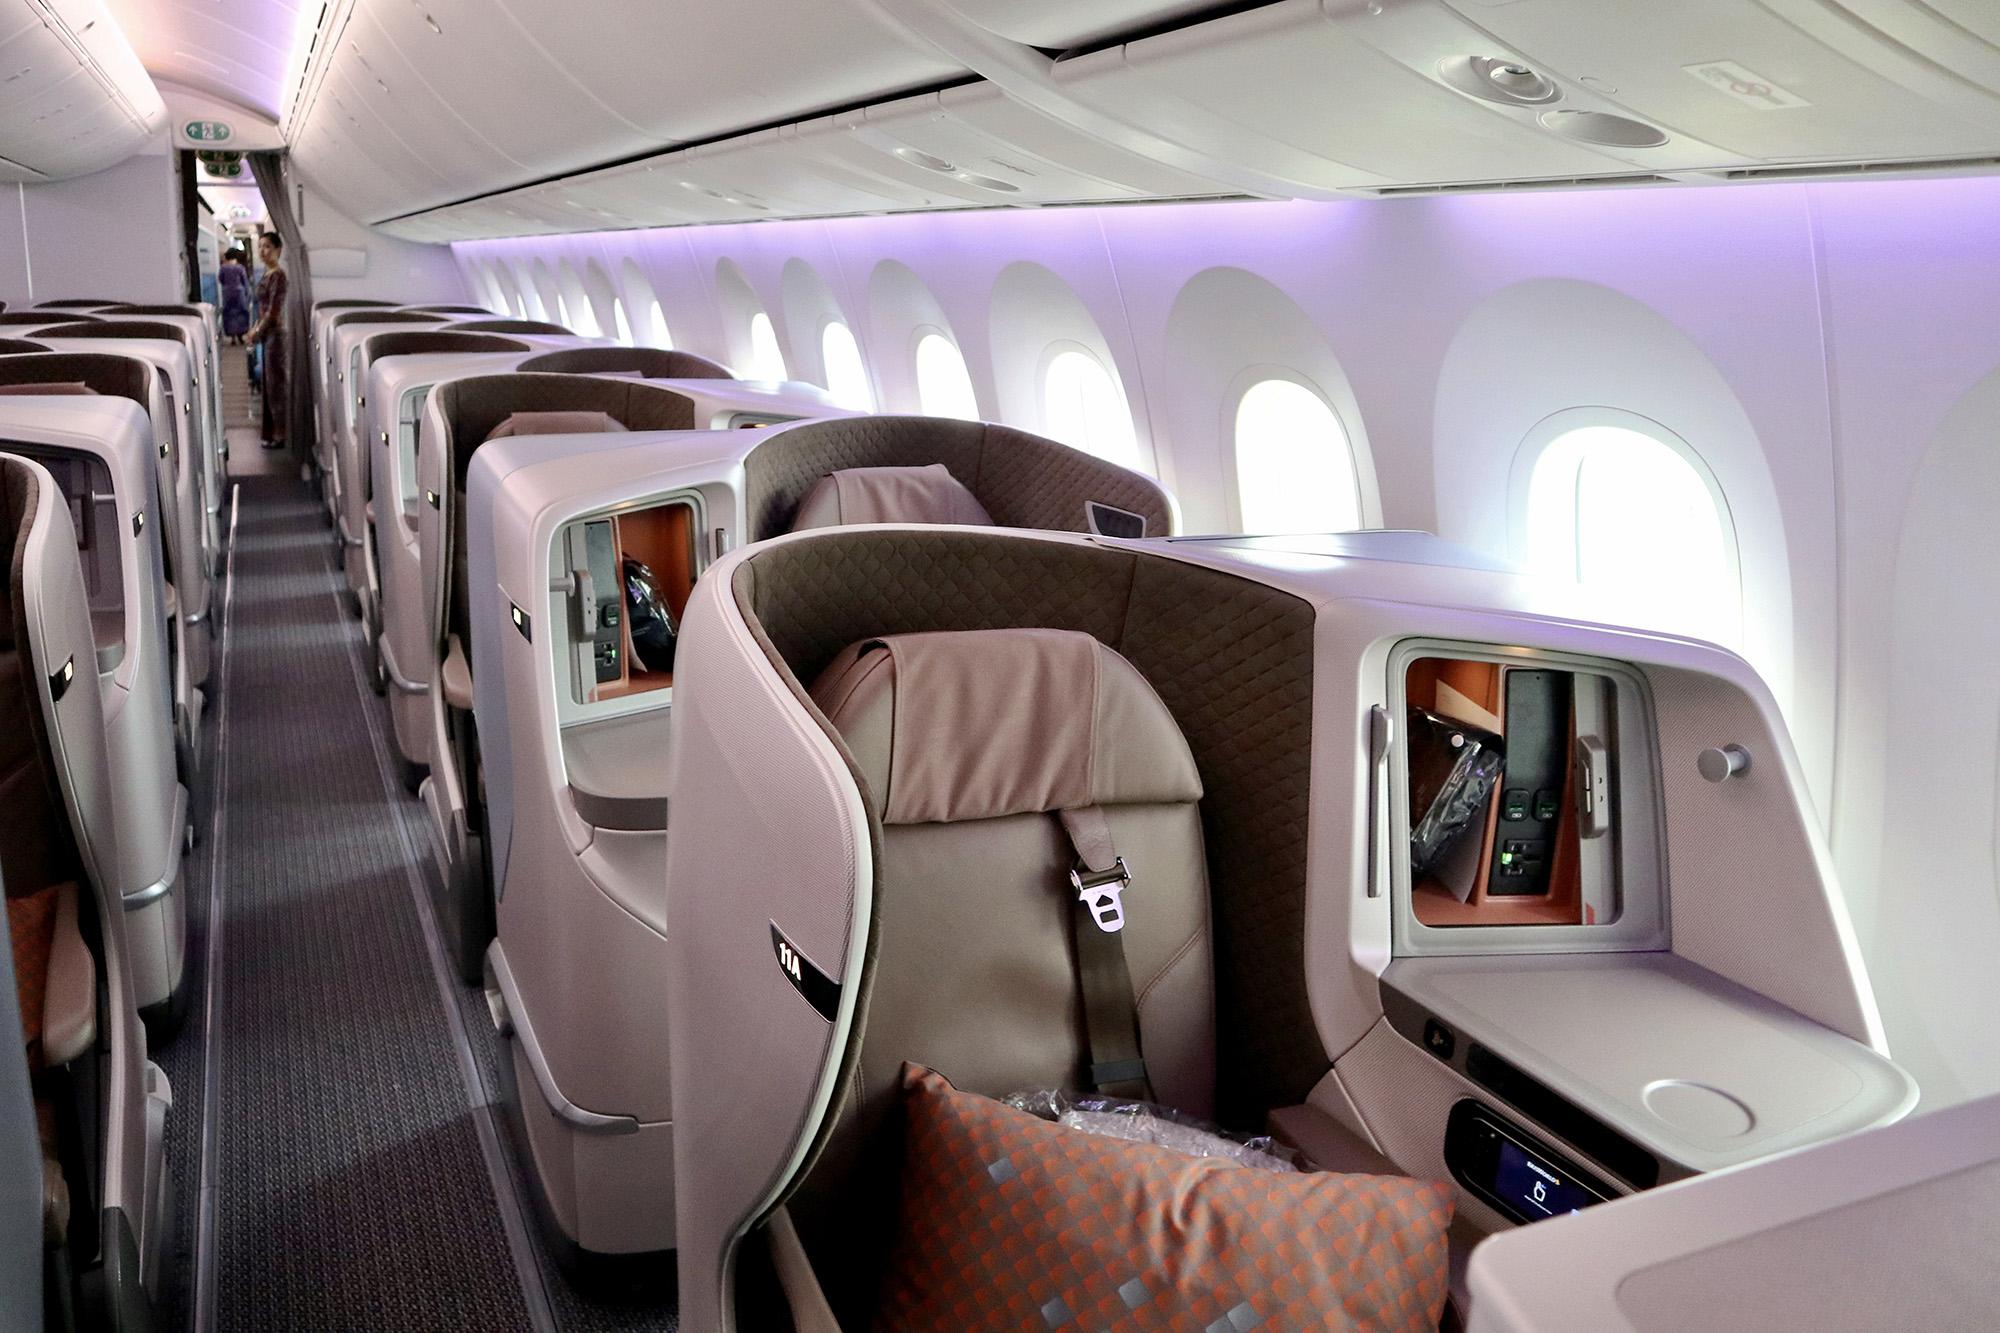 A seats